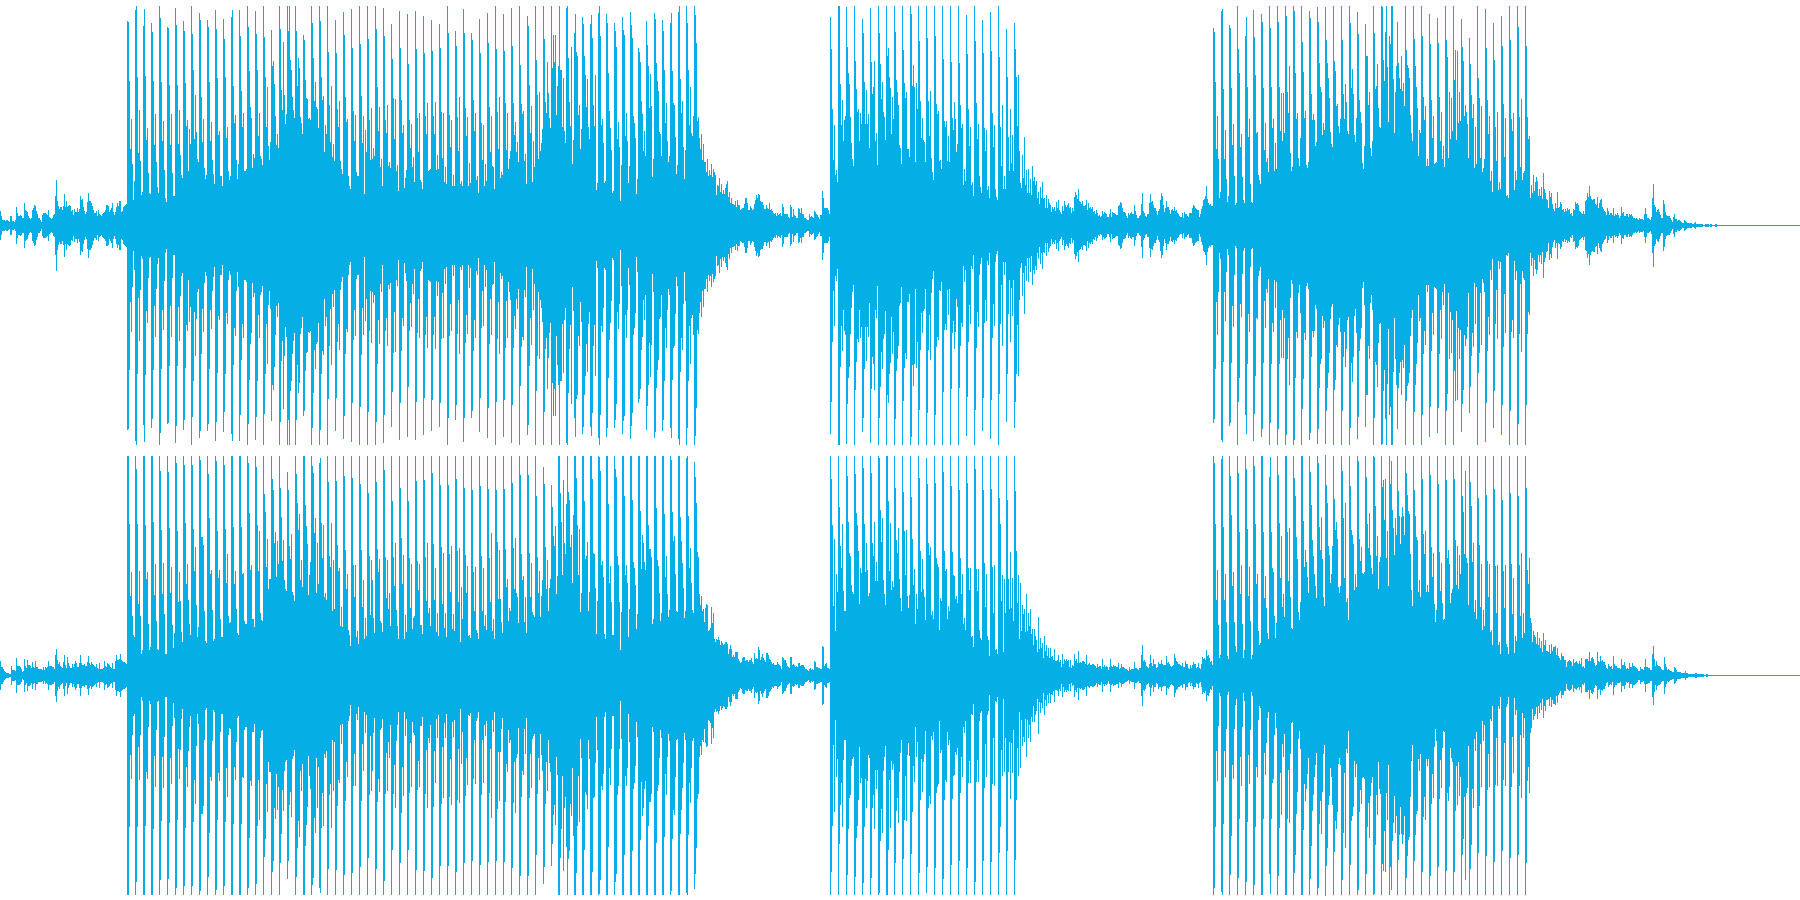 宇宙(膨張)感のあるテクノサウンドの再生済みの波形